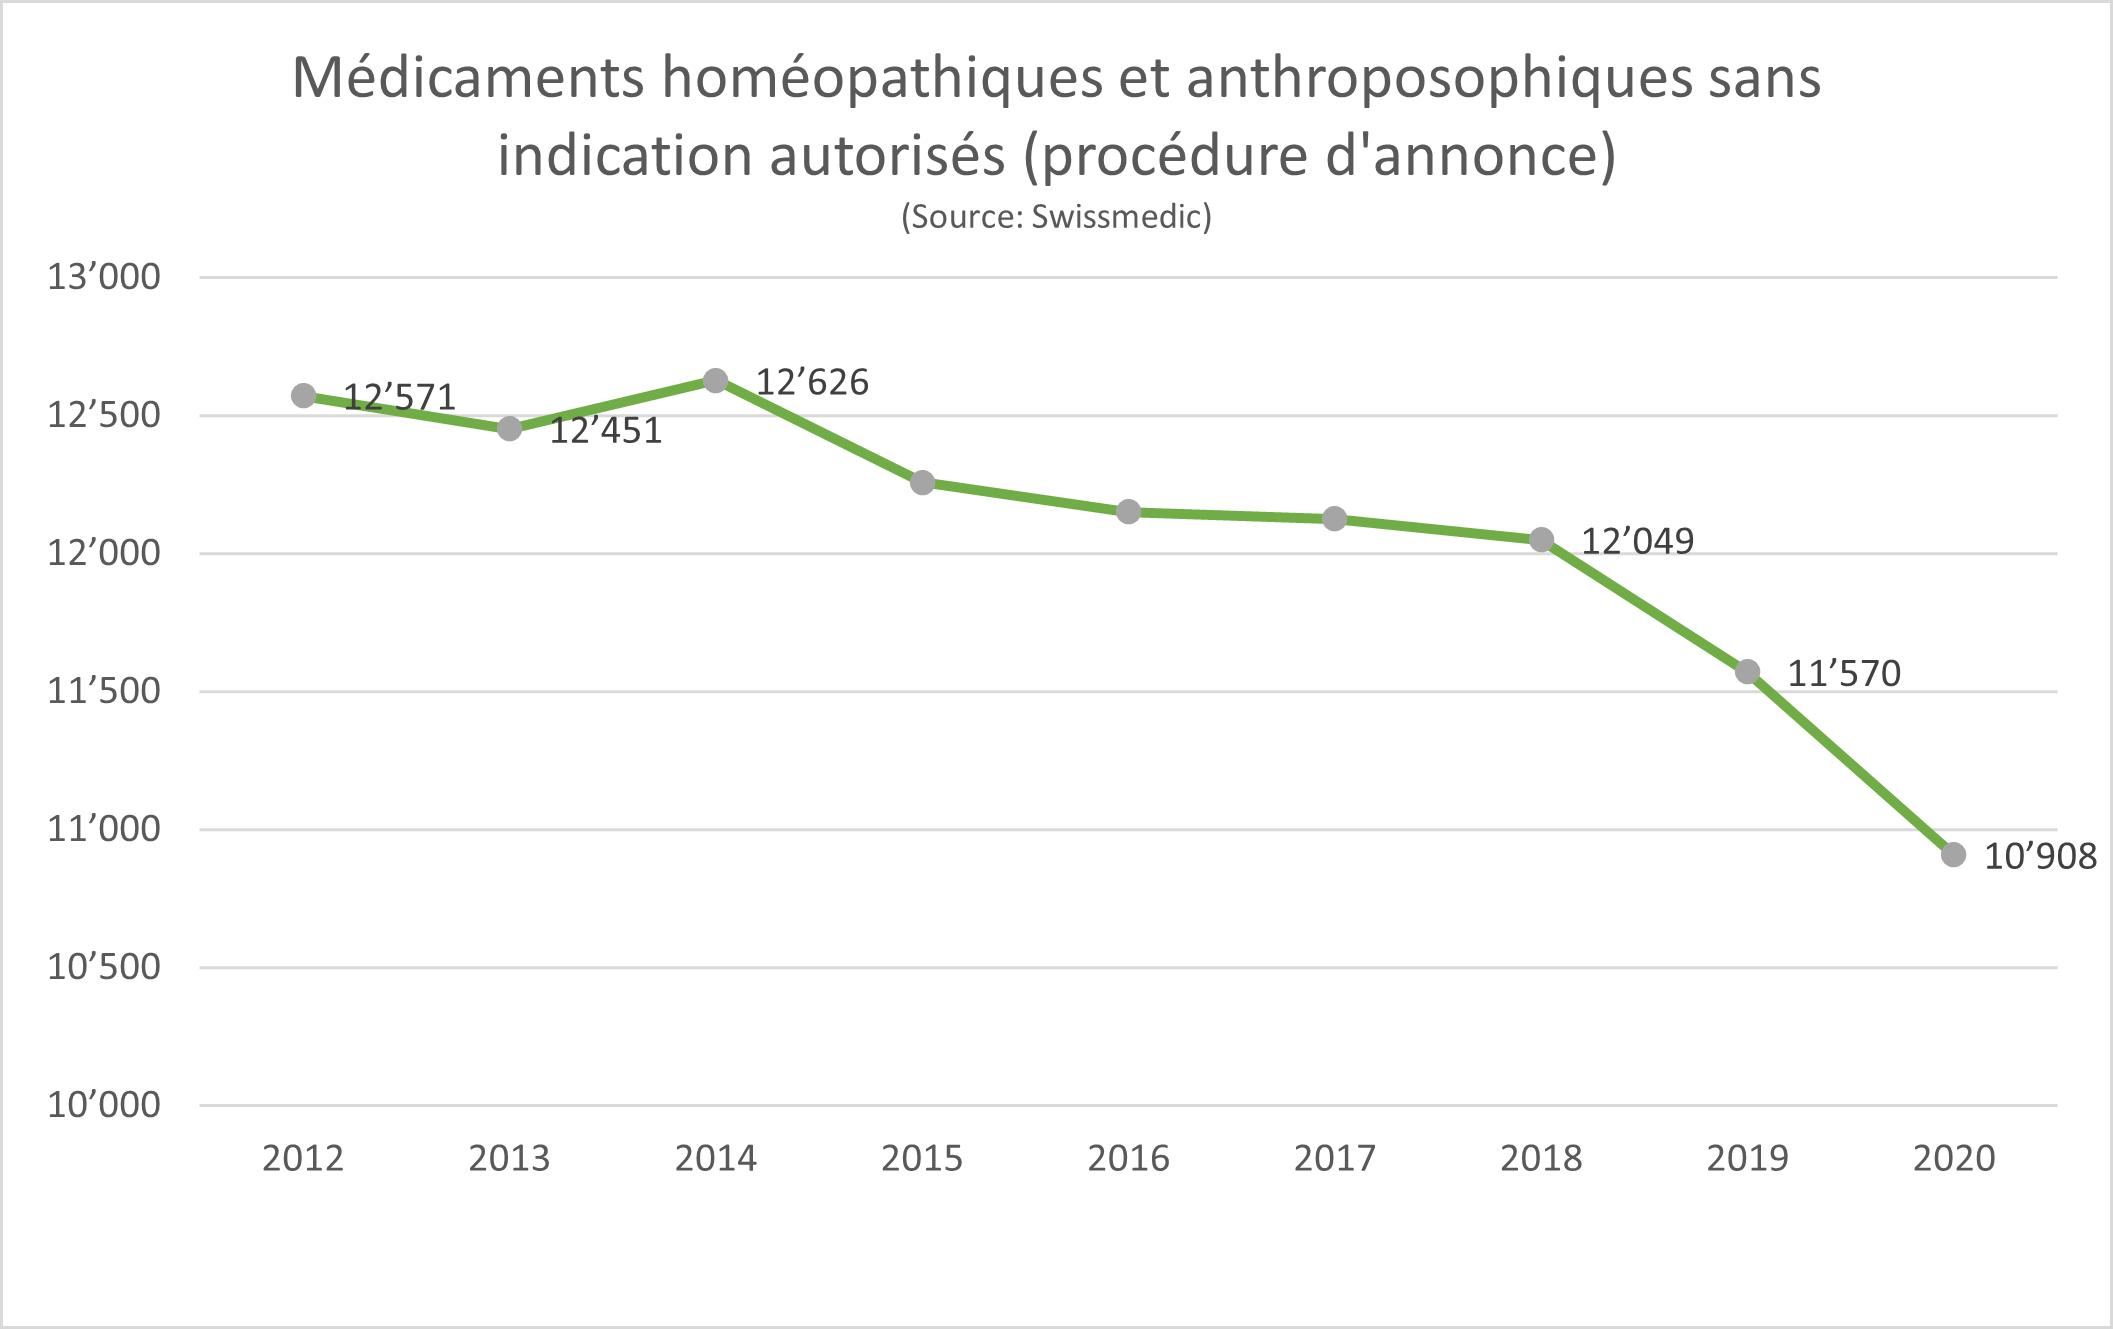 Médicaments homéopathiques et anthroposophiques sans indication autorisés (procédure d'annonce)